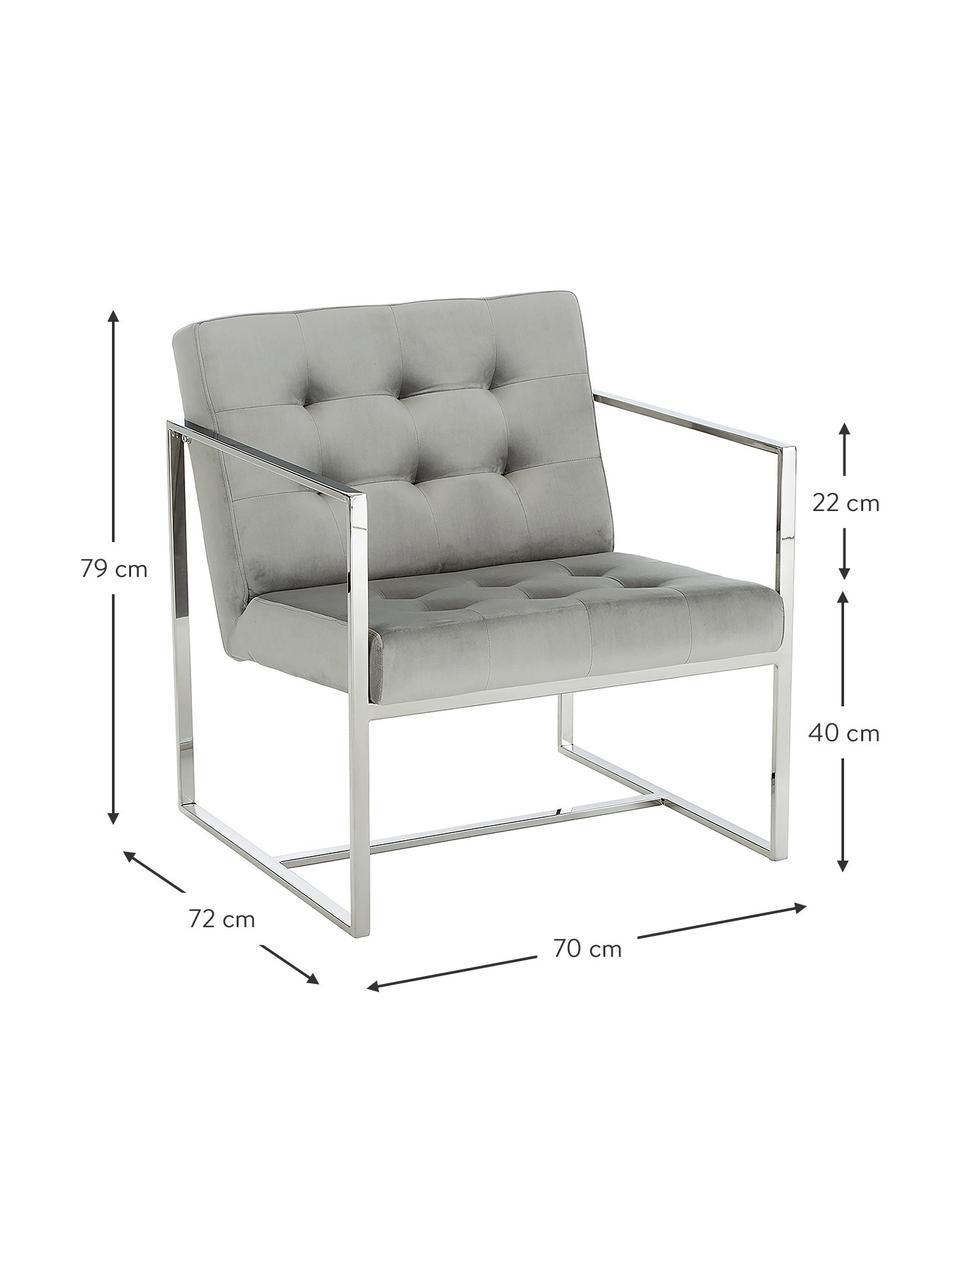 Fluwelen lounge fauteuil Manhattan in grijs, Bekleding: fluweel (polyester), Frame: gegalvaniseerd metaal, Fluweel grijs, 70 x 72 cm